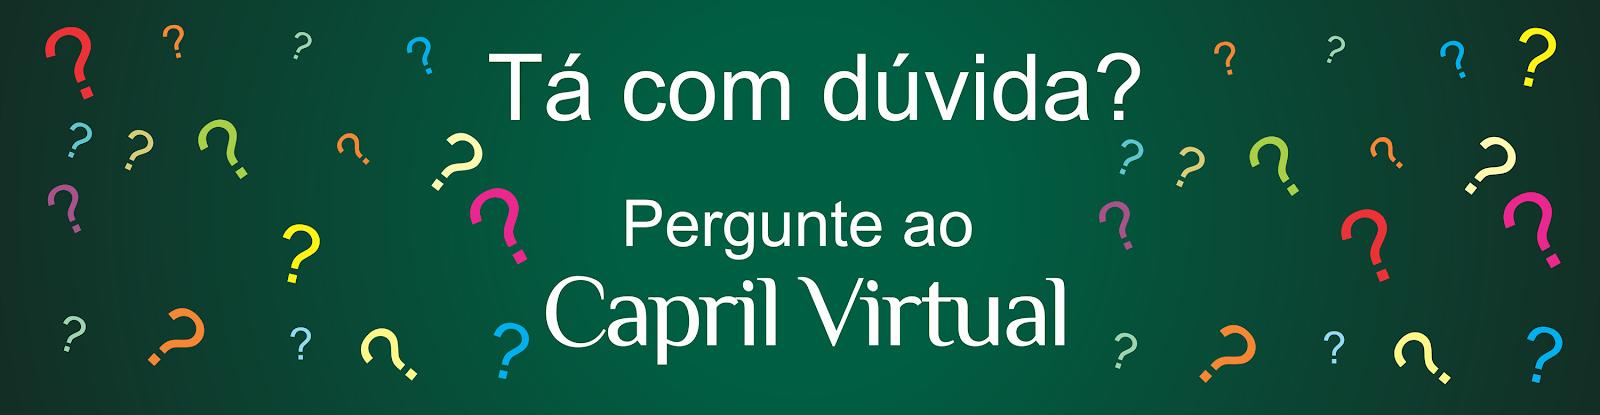 www.caprilvirtual.com.br